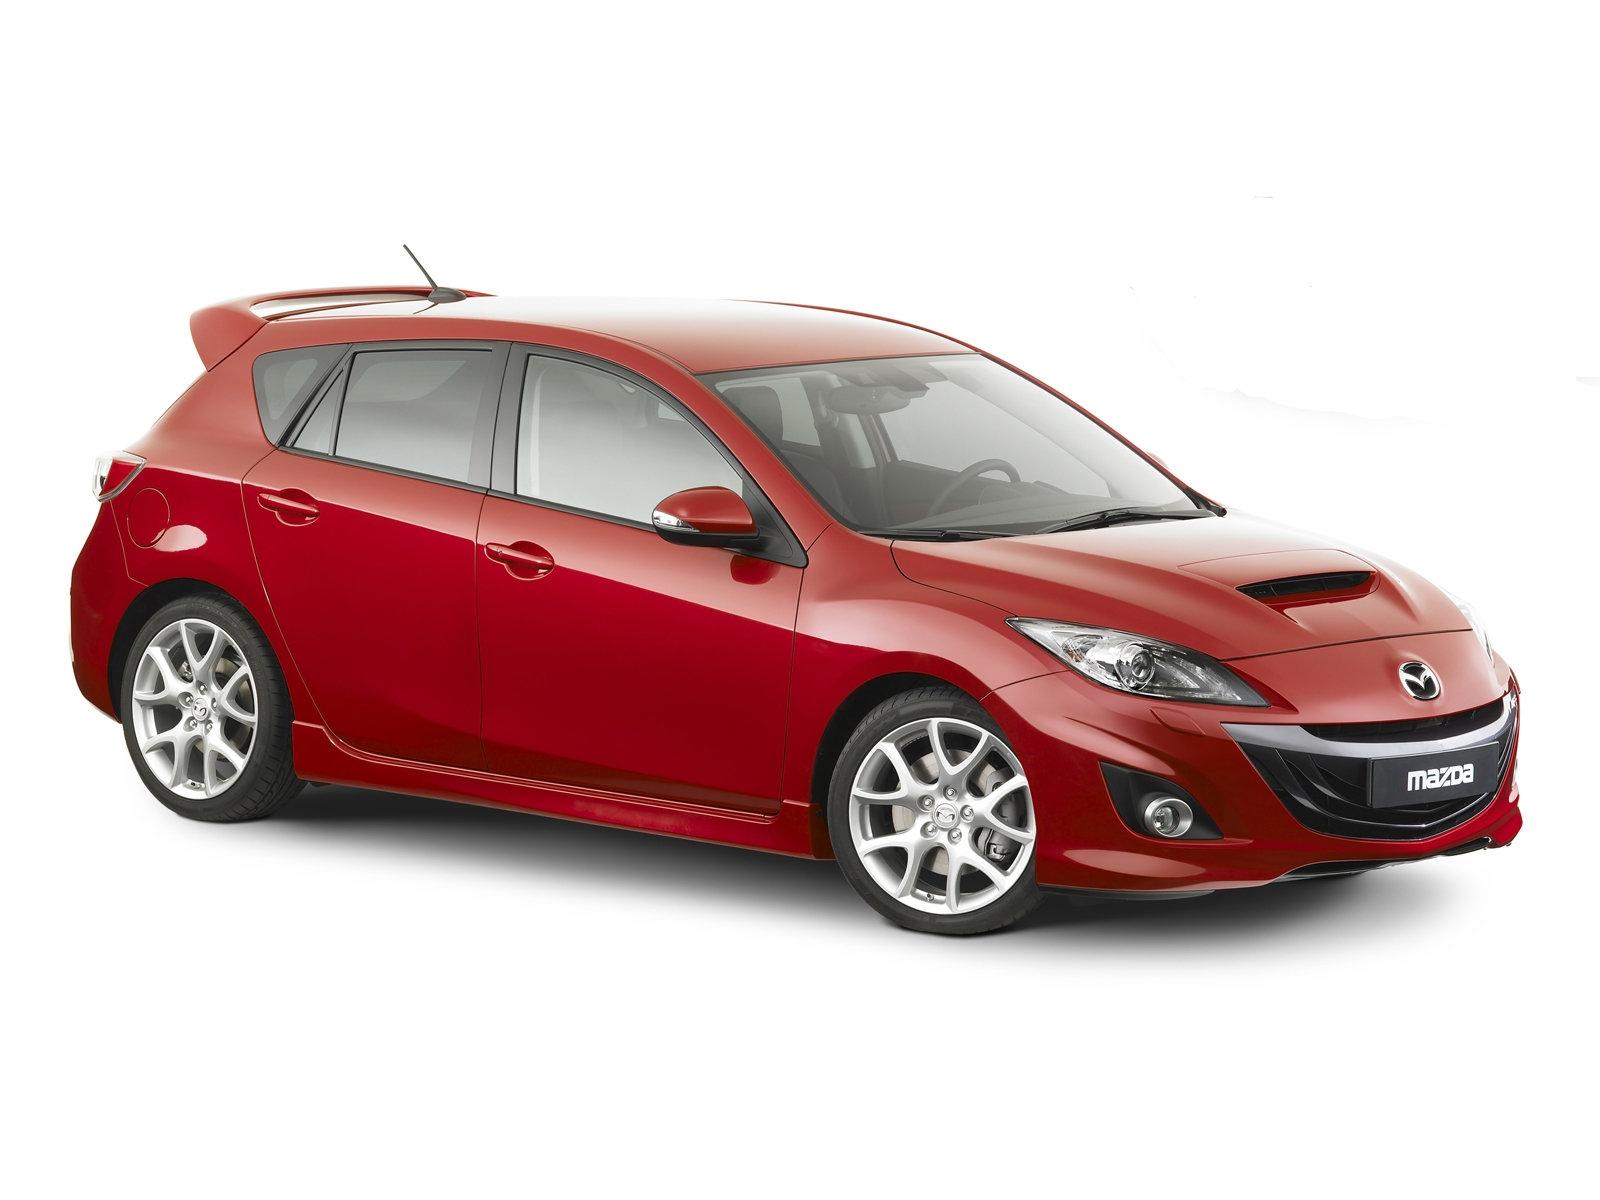 IMAGENES DE AUTOS NUEVOS: Mazda 3